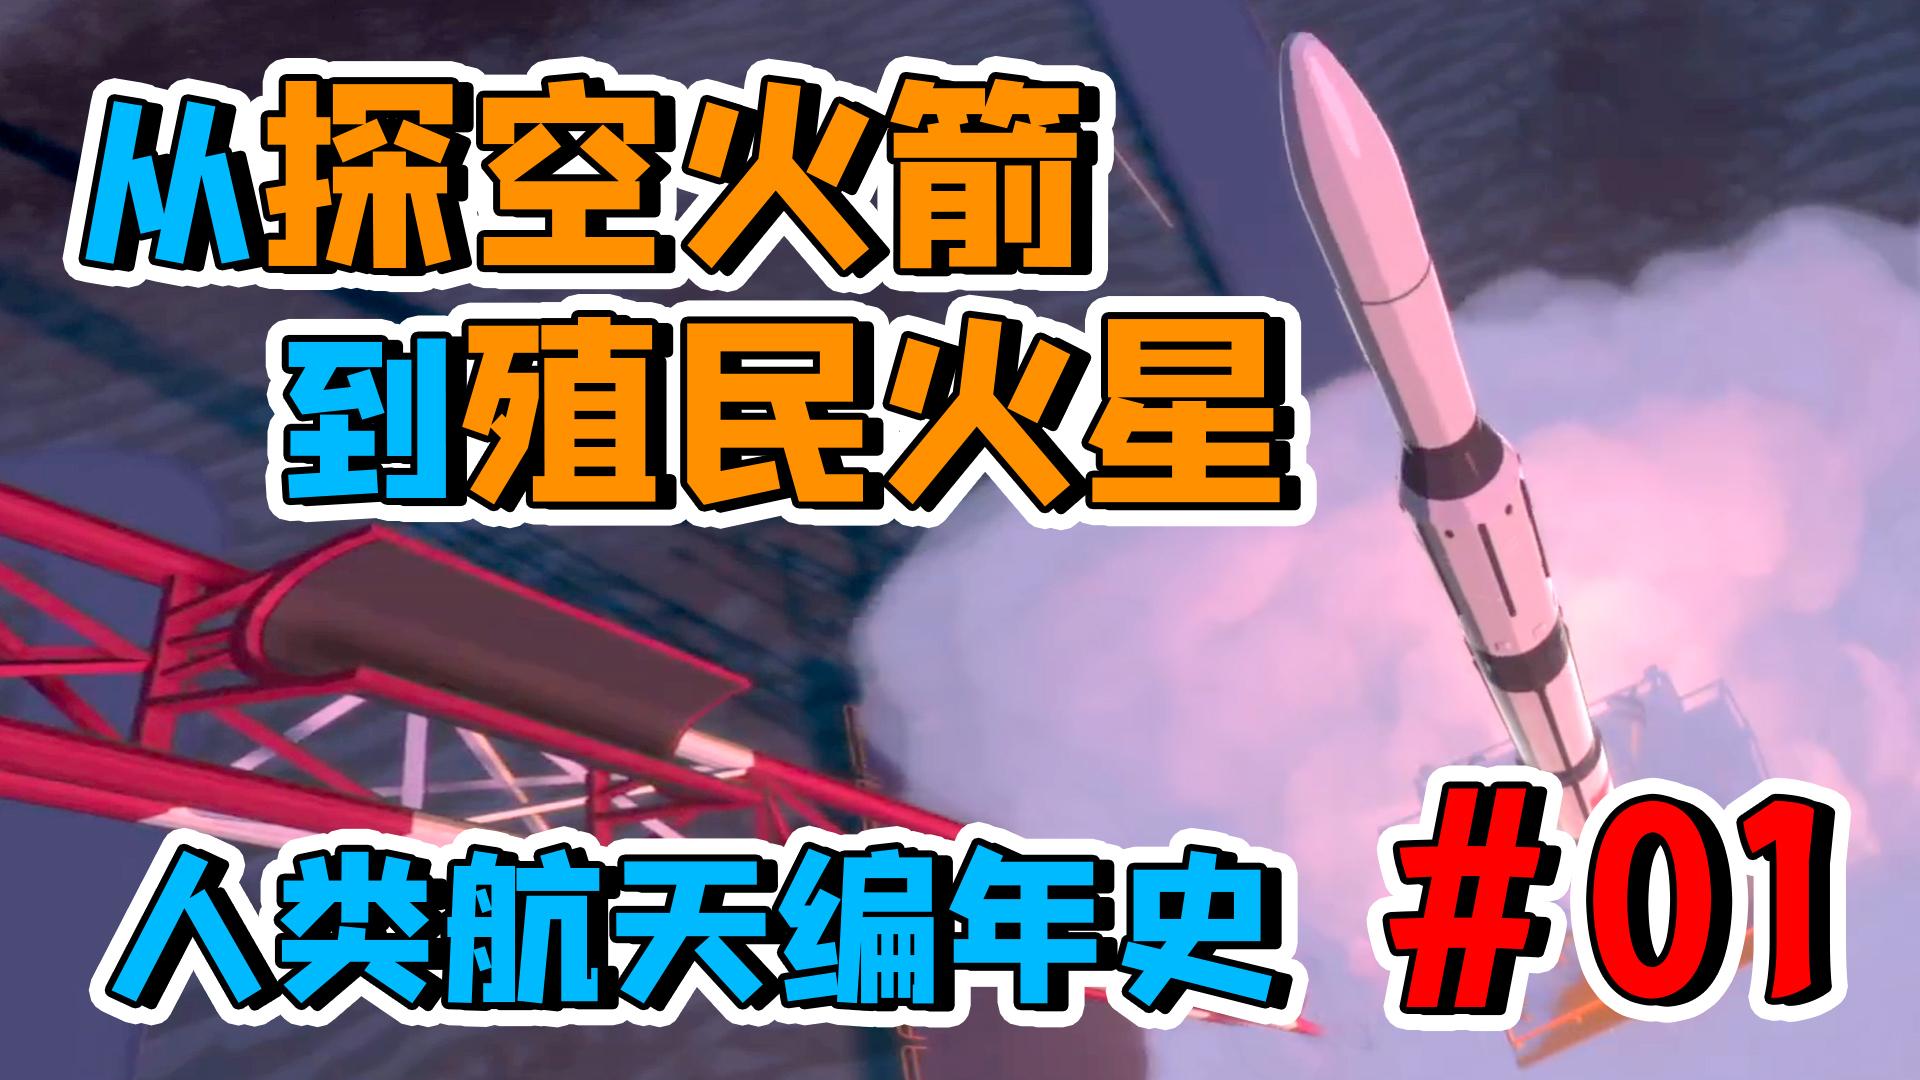 【独家】从探空火箭到殖民火星!新游《Mars Horizon》-《人类航天编年史》#01【QPC】